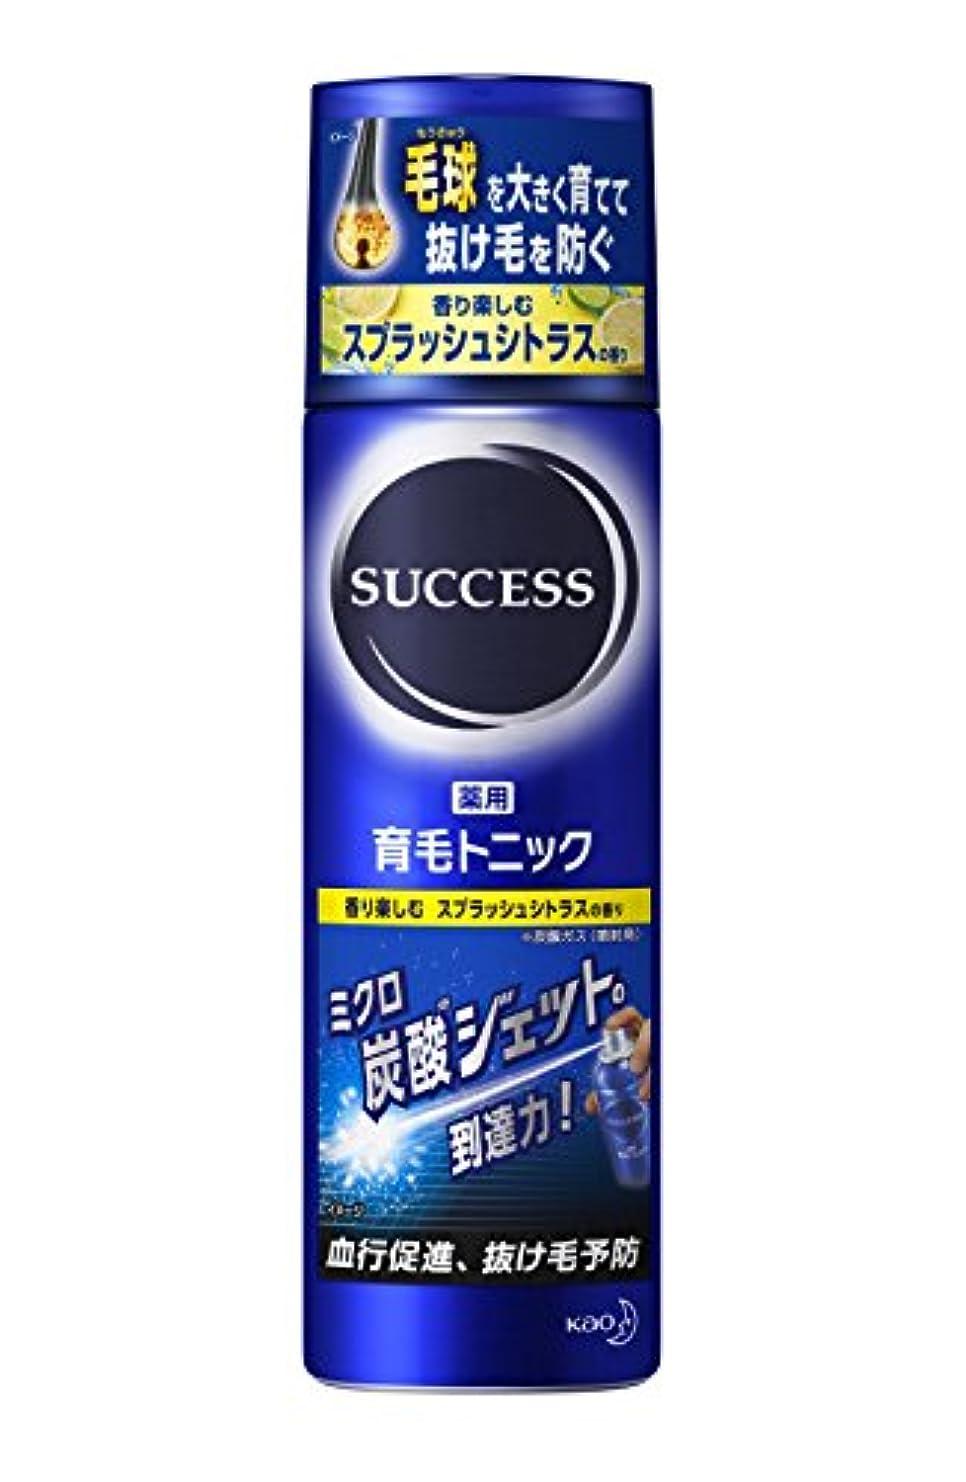 サクセス薬用育毛トニック スプラッシュシトラス [医薬部外品]